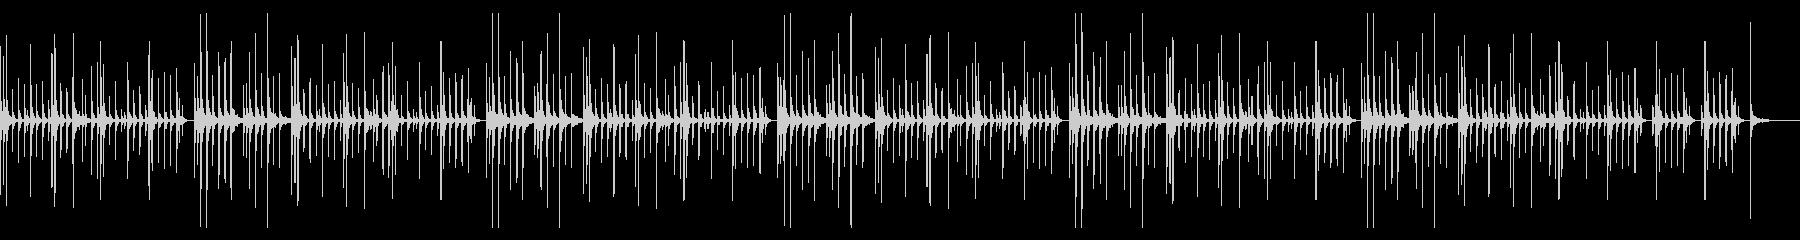 カリンバのみの未再生の波形